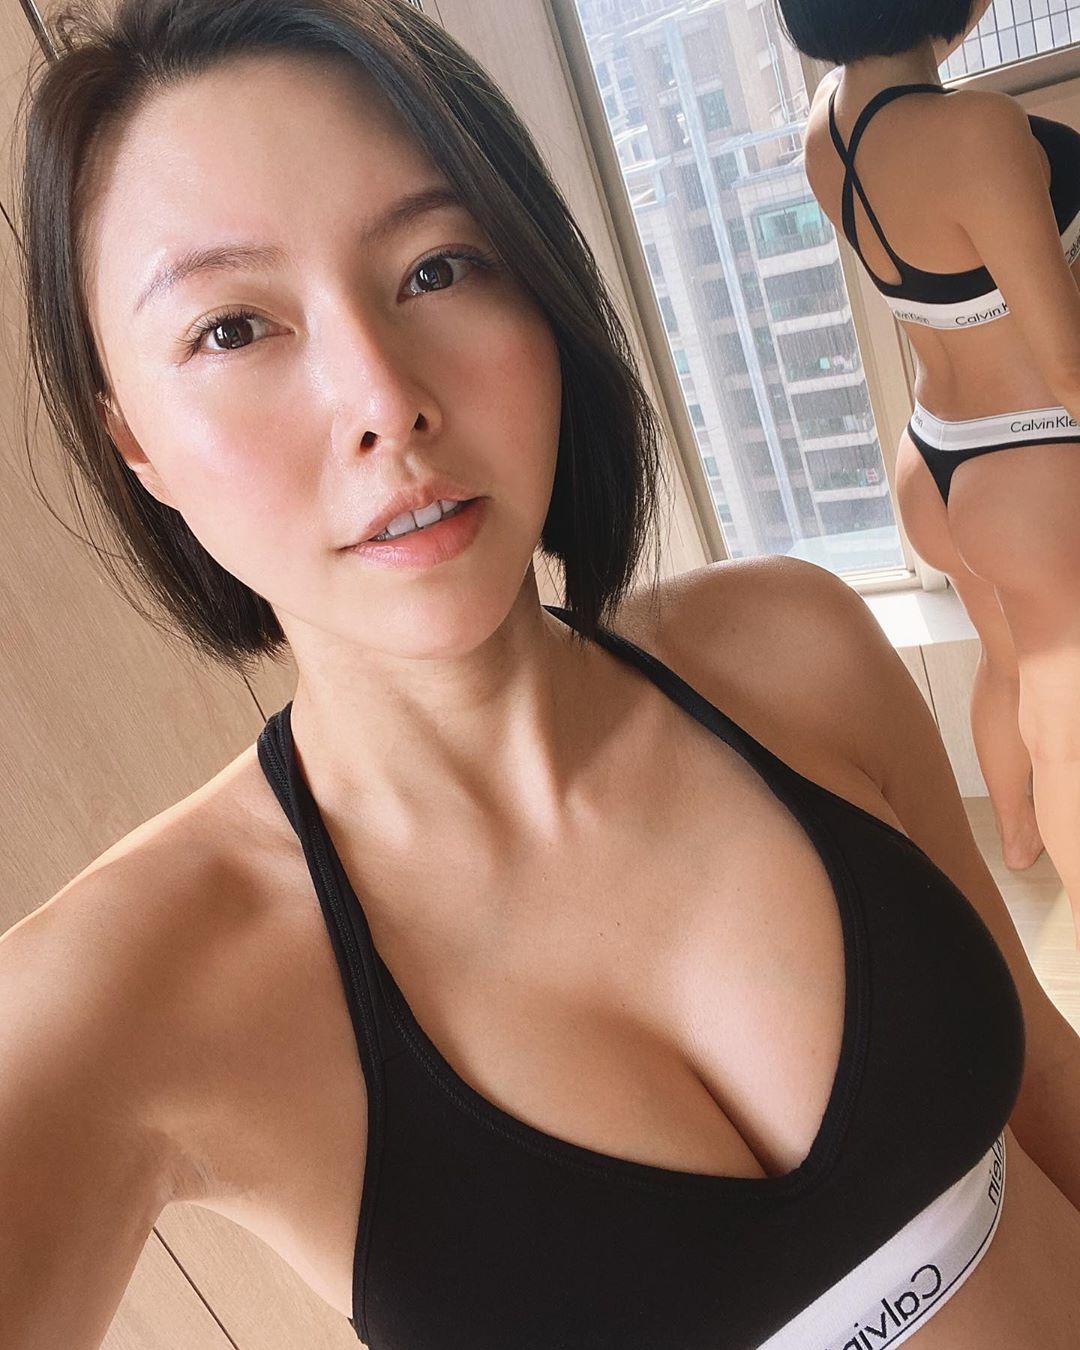 健身正妹兒換上比基尼 完美胸型呼之欲出美翻 - 美女圖 -